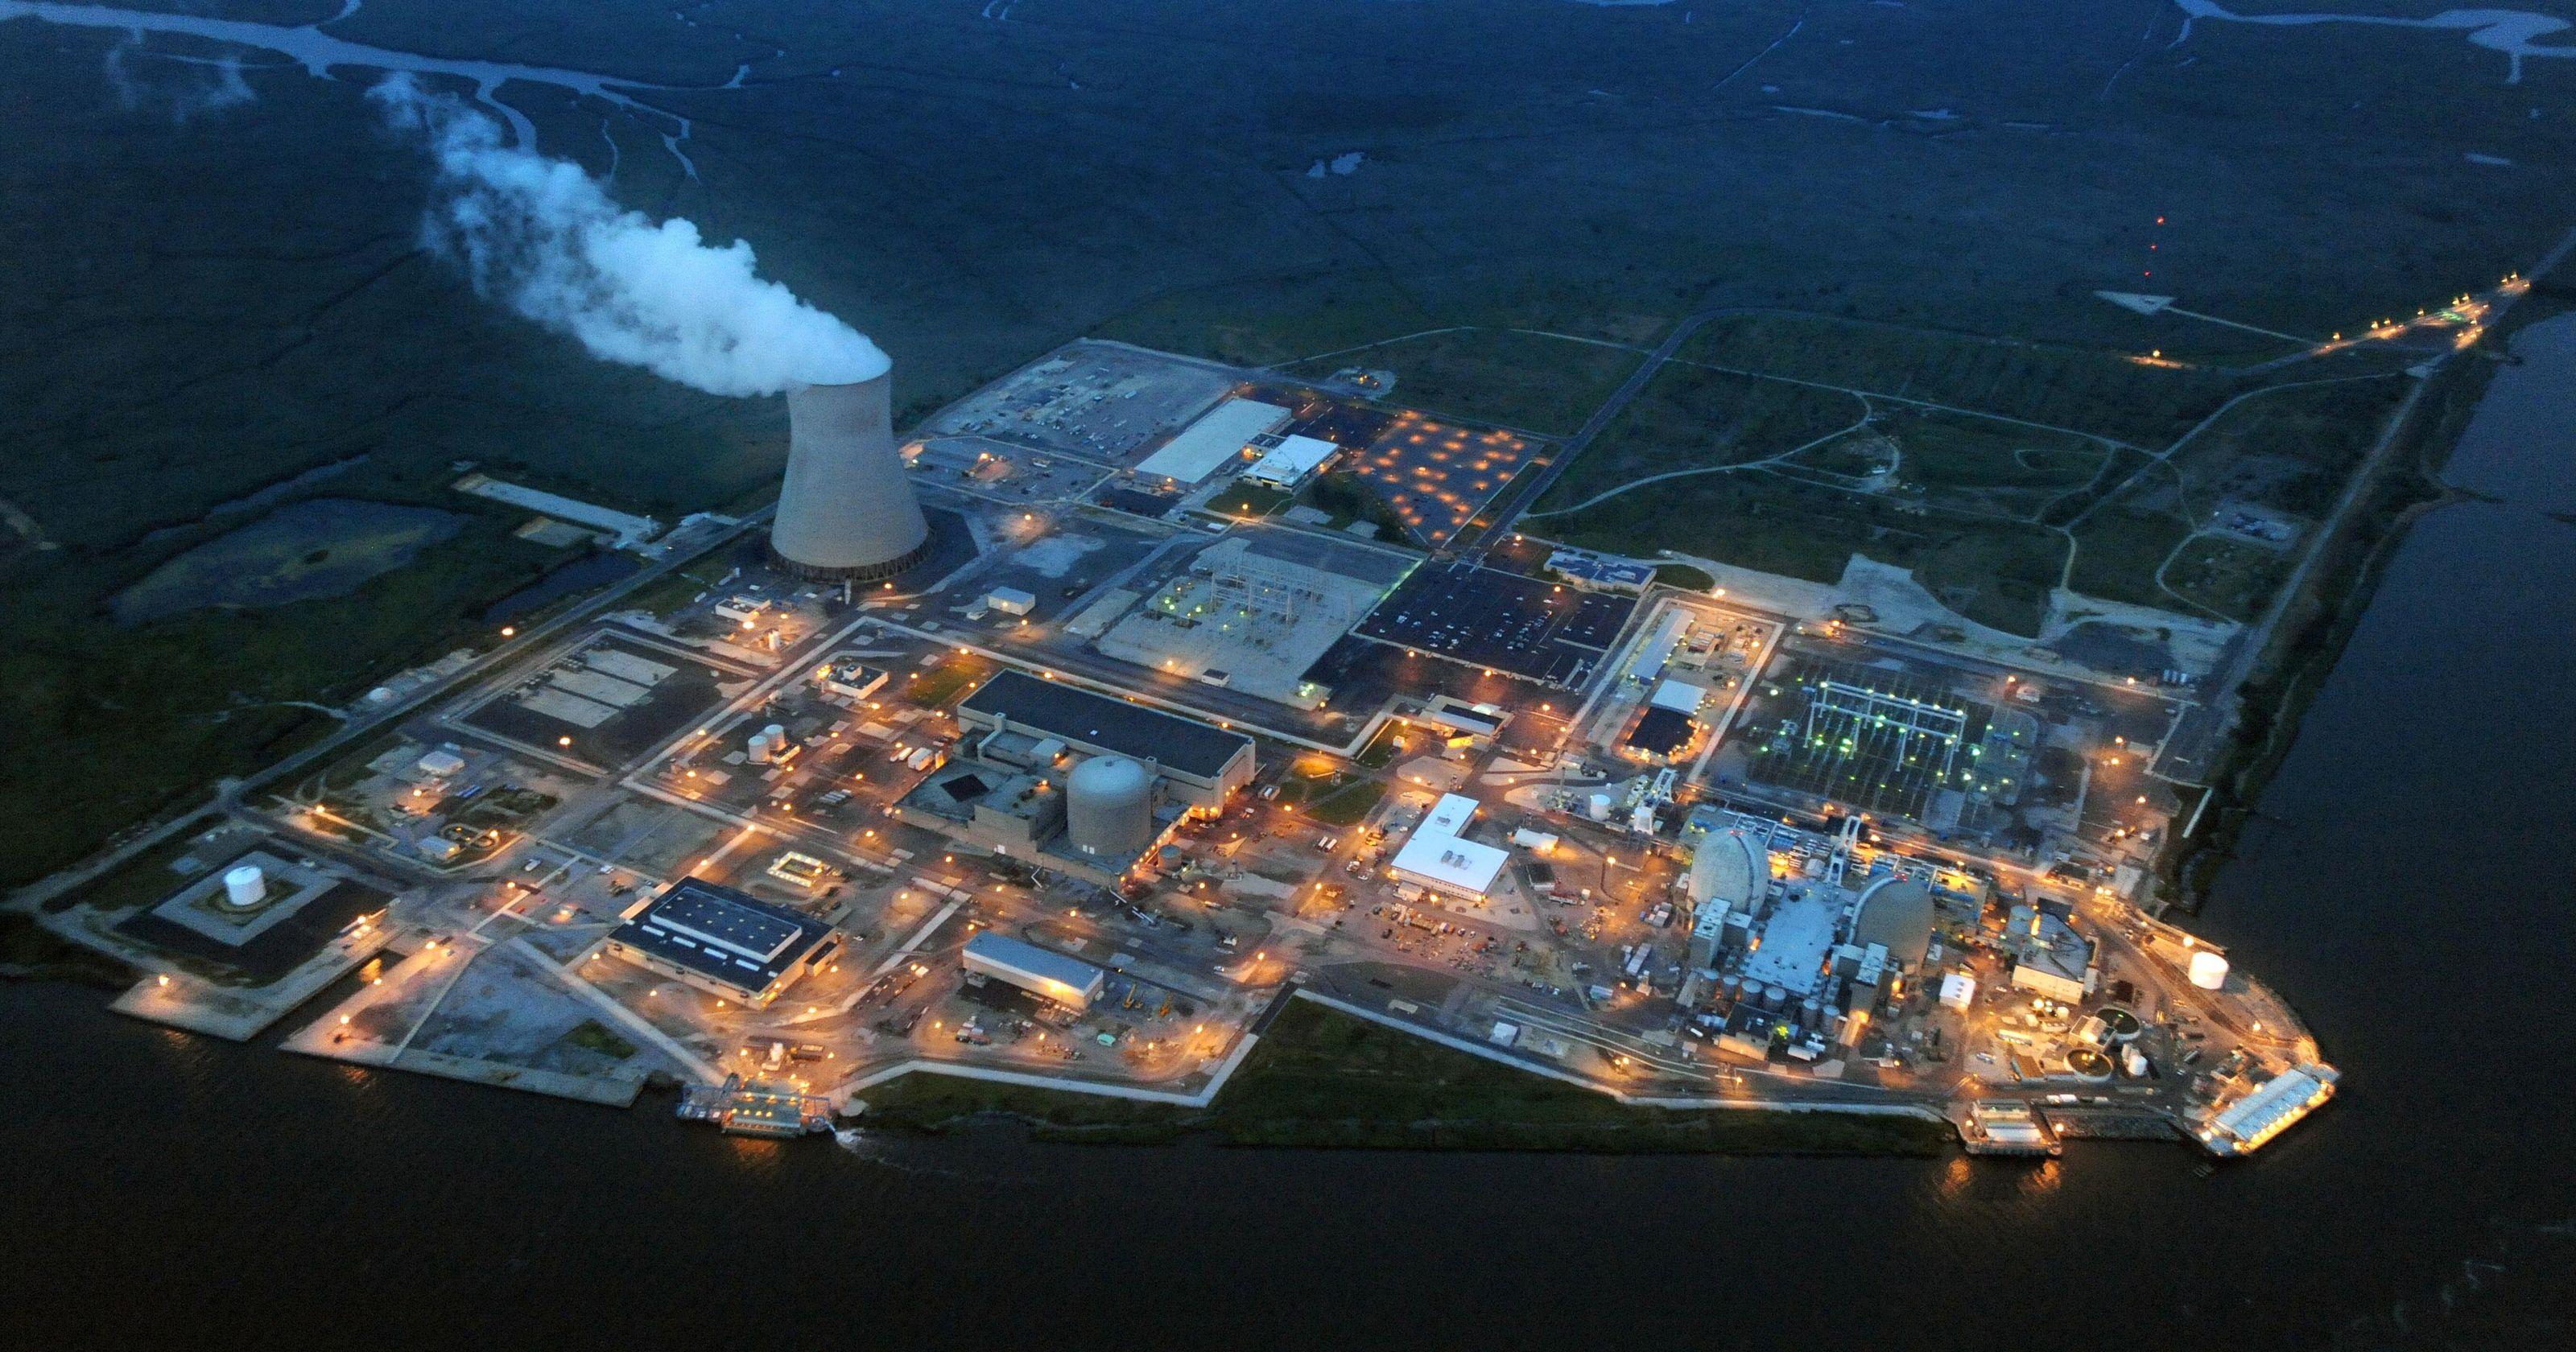 NJ Nuclear Power Plant